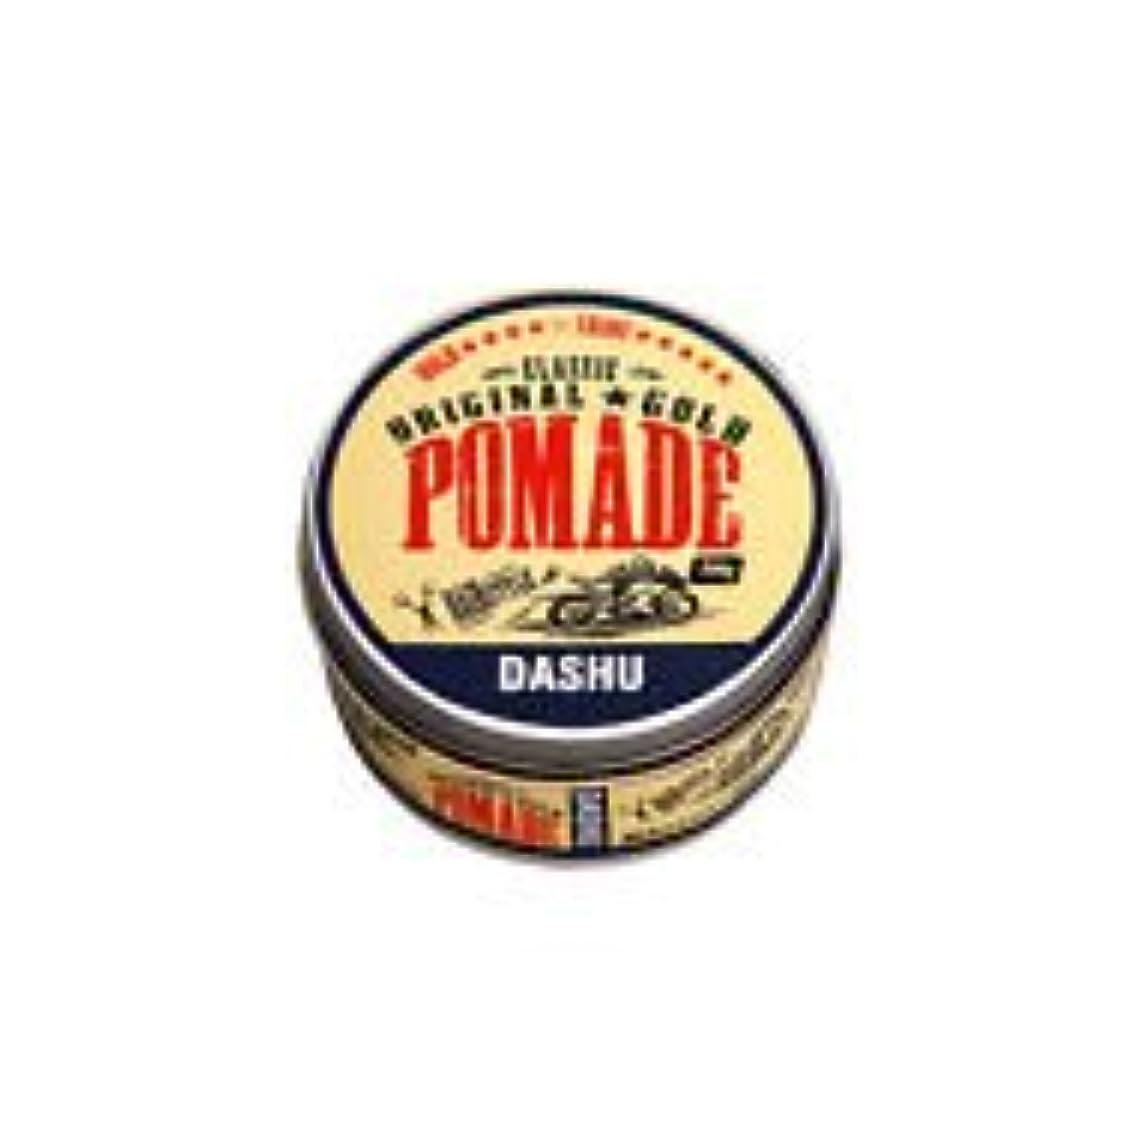 飛躍確認してください師匠[DASHU] ダシュ クラシックオリジナルゴールドポマードヘアワックス Classic Original Gold Pomade Hair Wax 100ml / 韓国製 . 韓国直送品